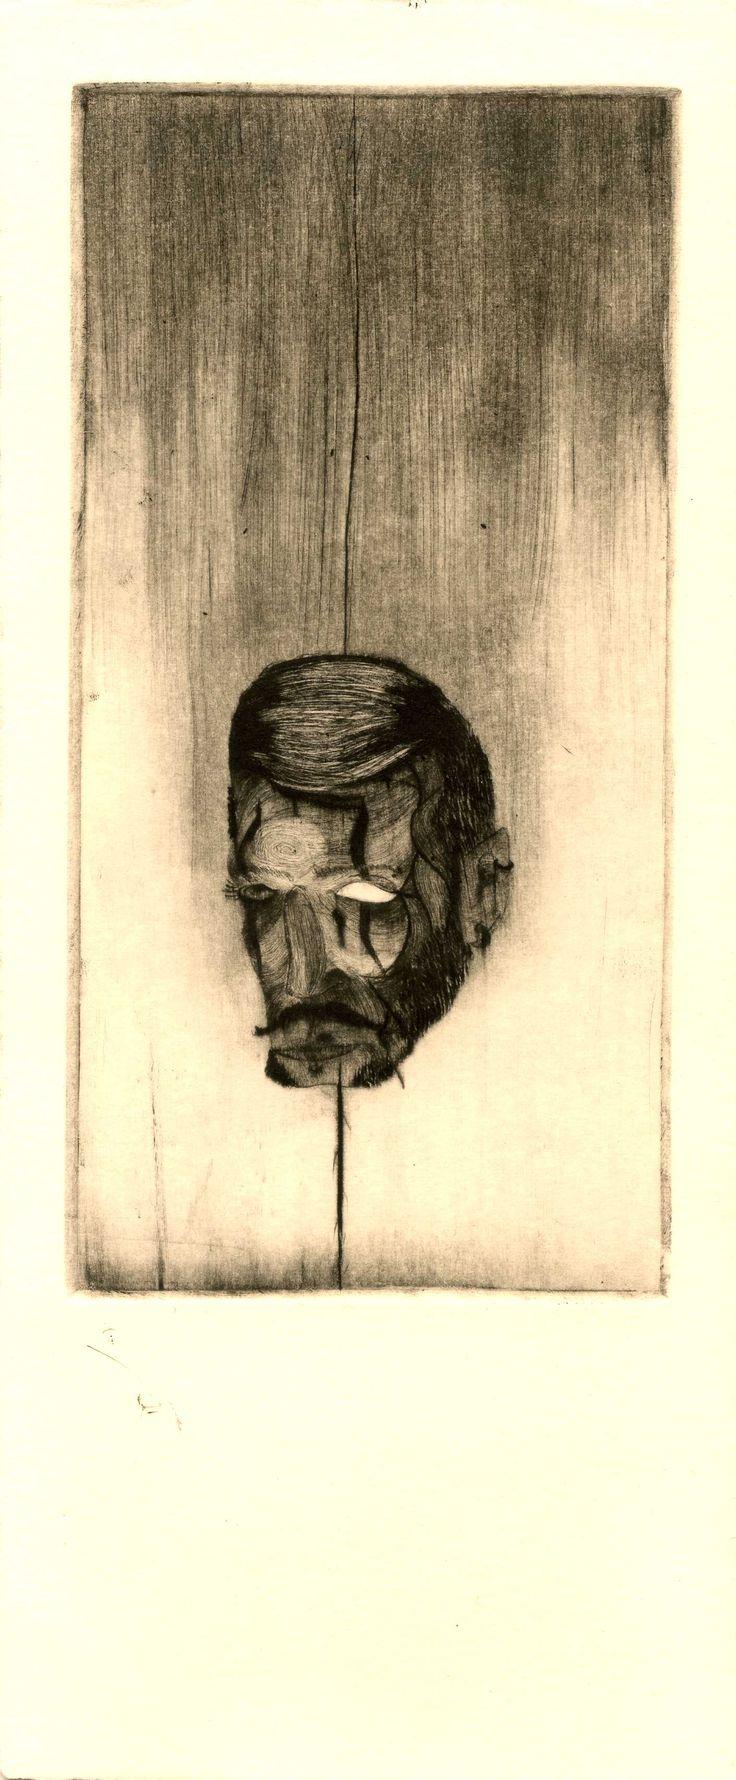 Dolor artistico circo oscuro que de una lagrima podemos sacar nuestra esencia i que vuelva por nuestros ojos a entrar, madness